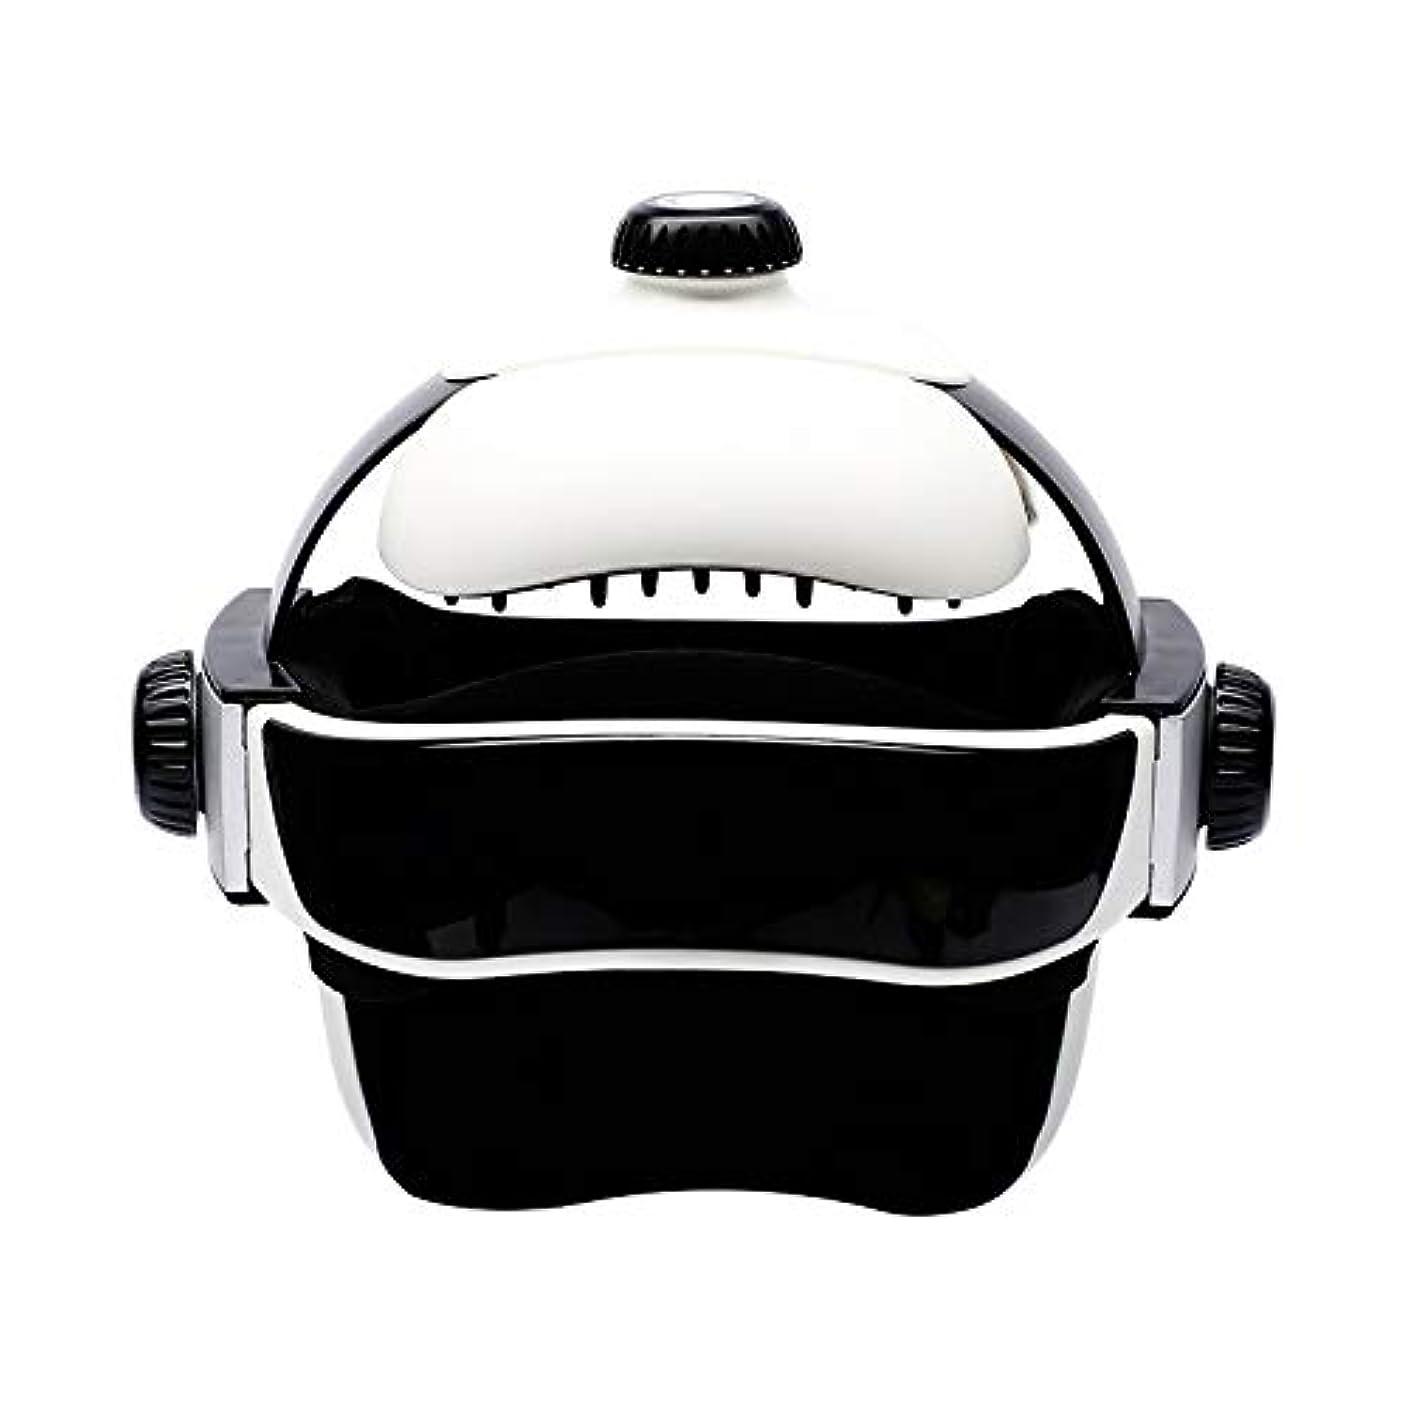 排出実験最終ヘルメットの電動が機能している頭皮は同じタイプのマッサージ器です [並行輸入品]